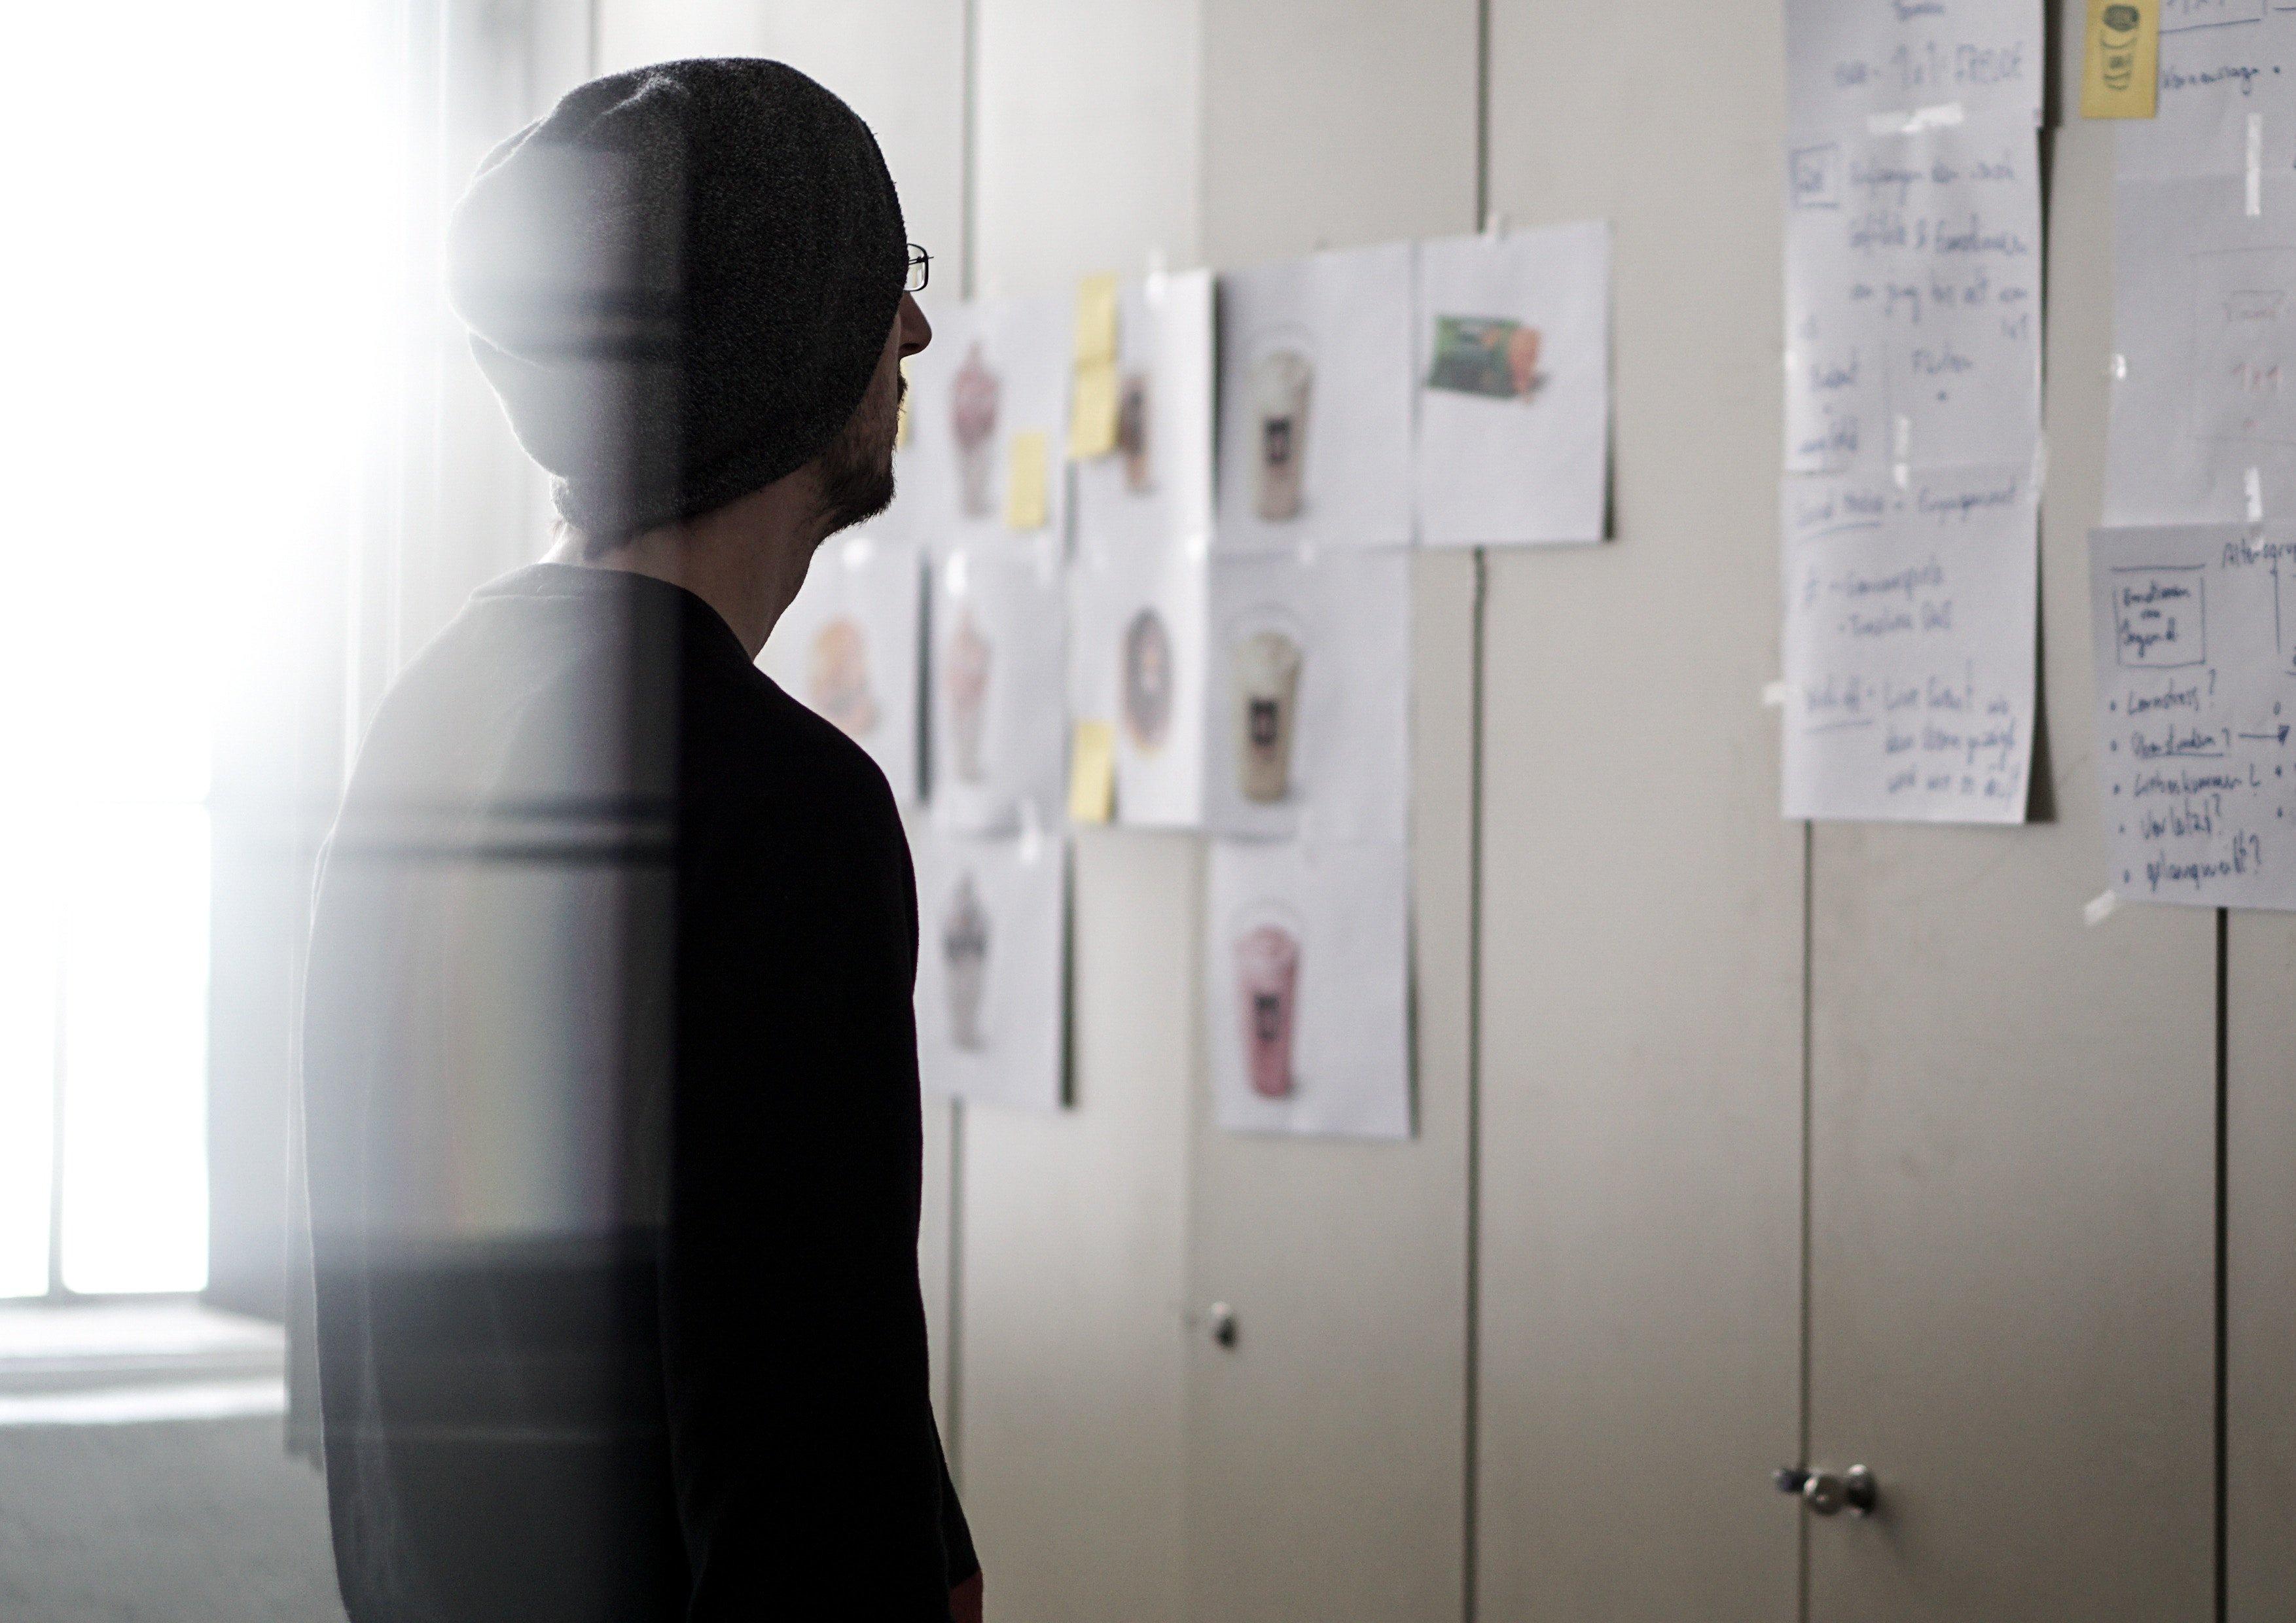 Man looking at wall of ideas